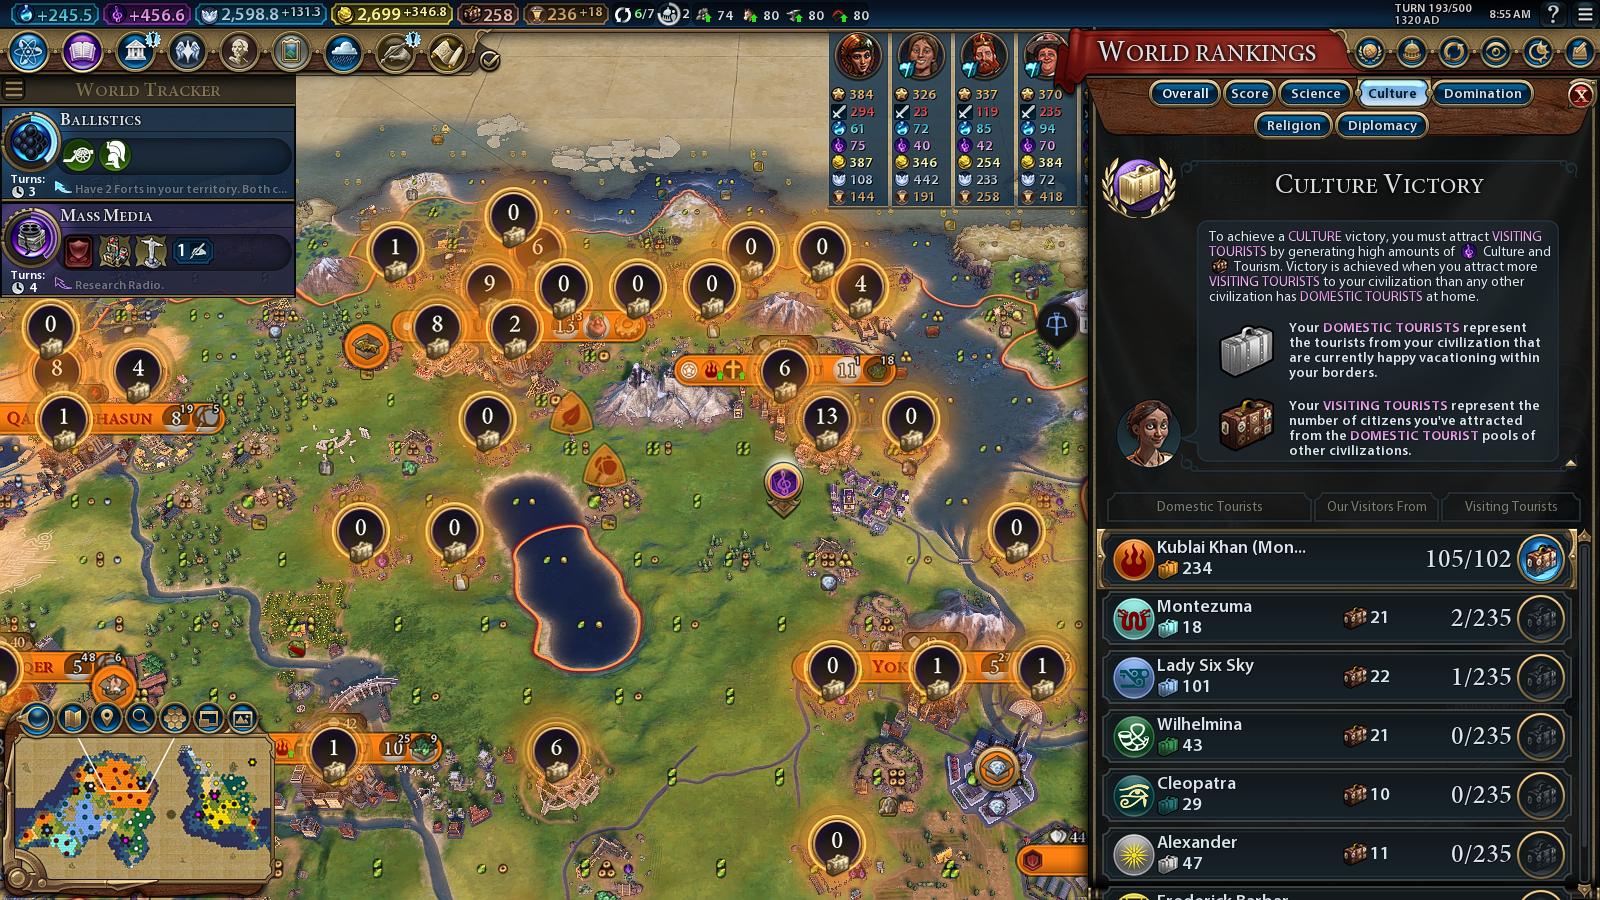 Sid Meier's Civilization VI Screenshot 2021.02.03 - 08.55.59.30.png